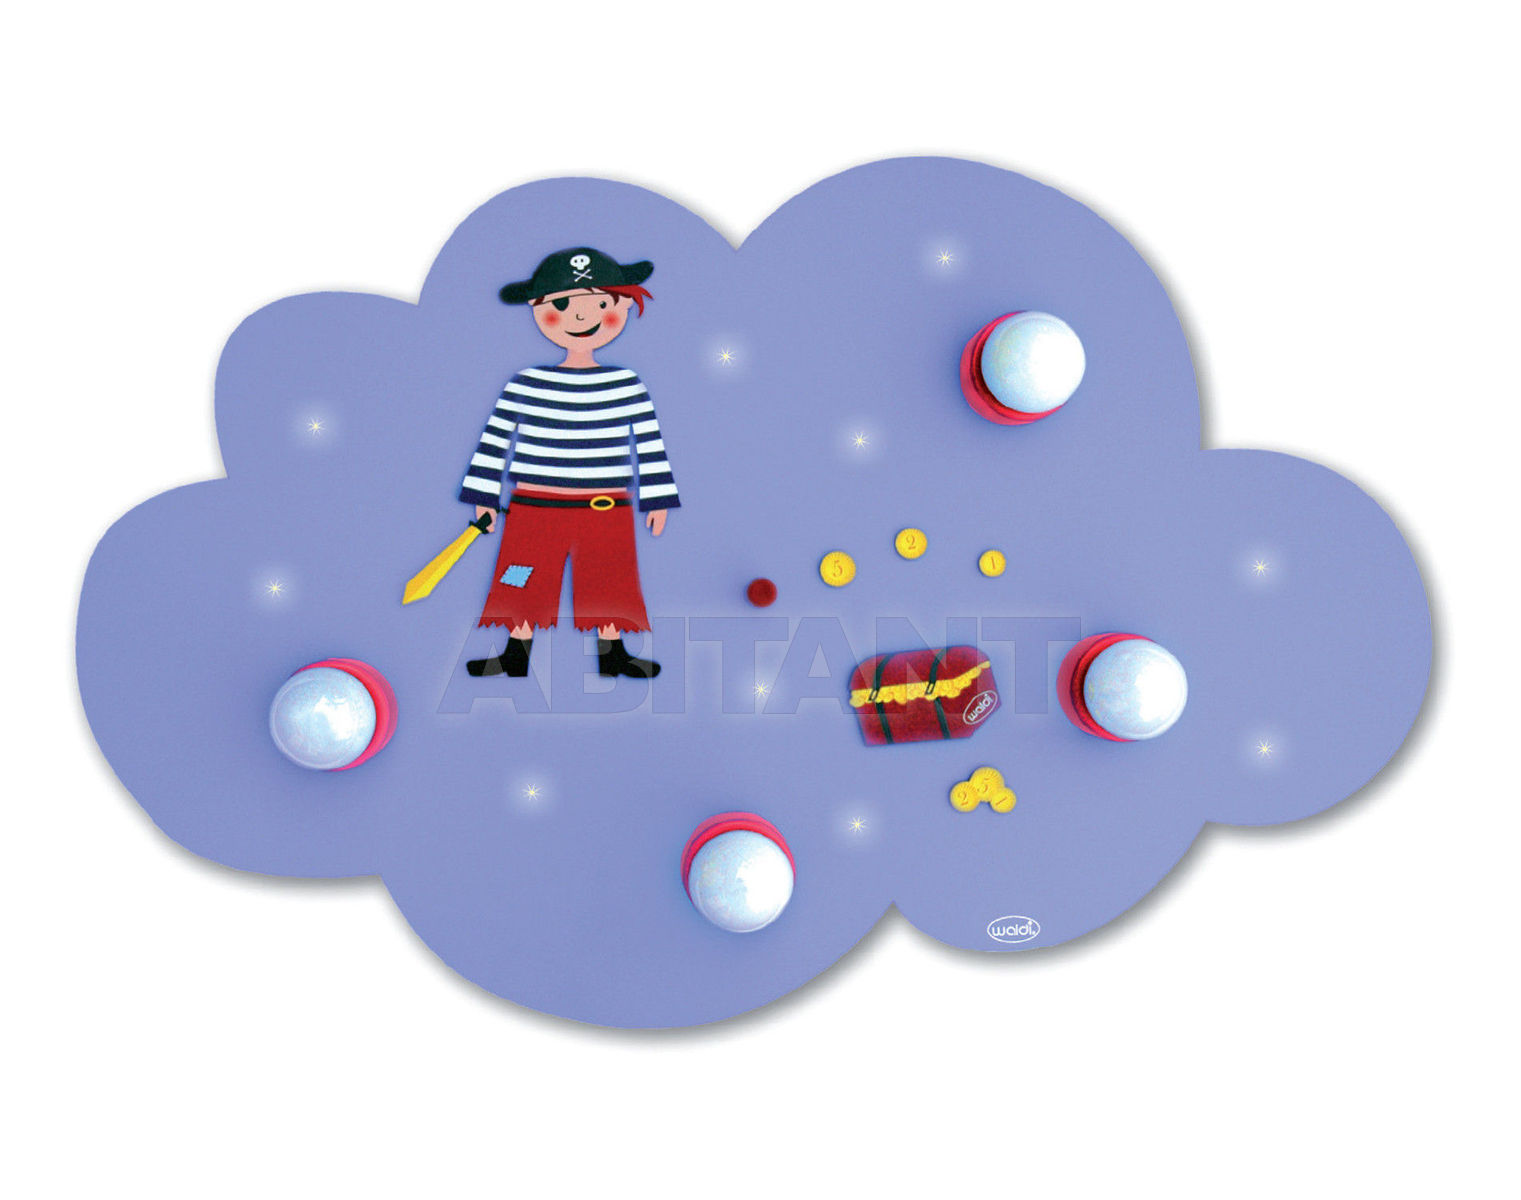 Купить Светильник для детской  Waldi Leuchten Lampen Fur Kinder 2012 66104.0